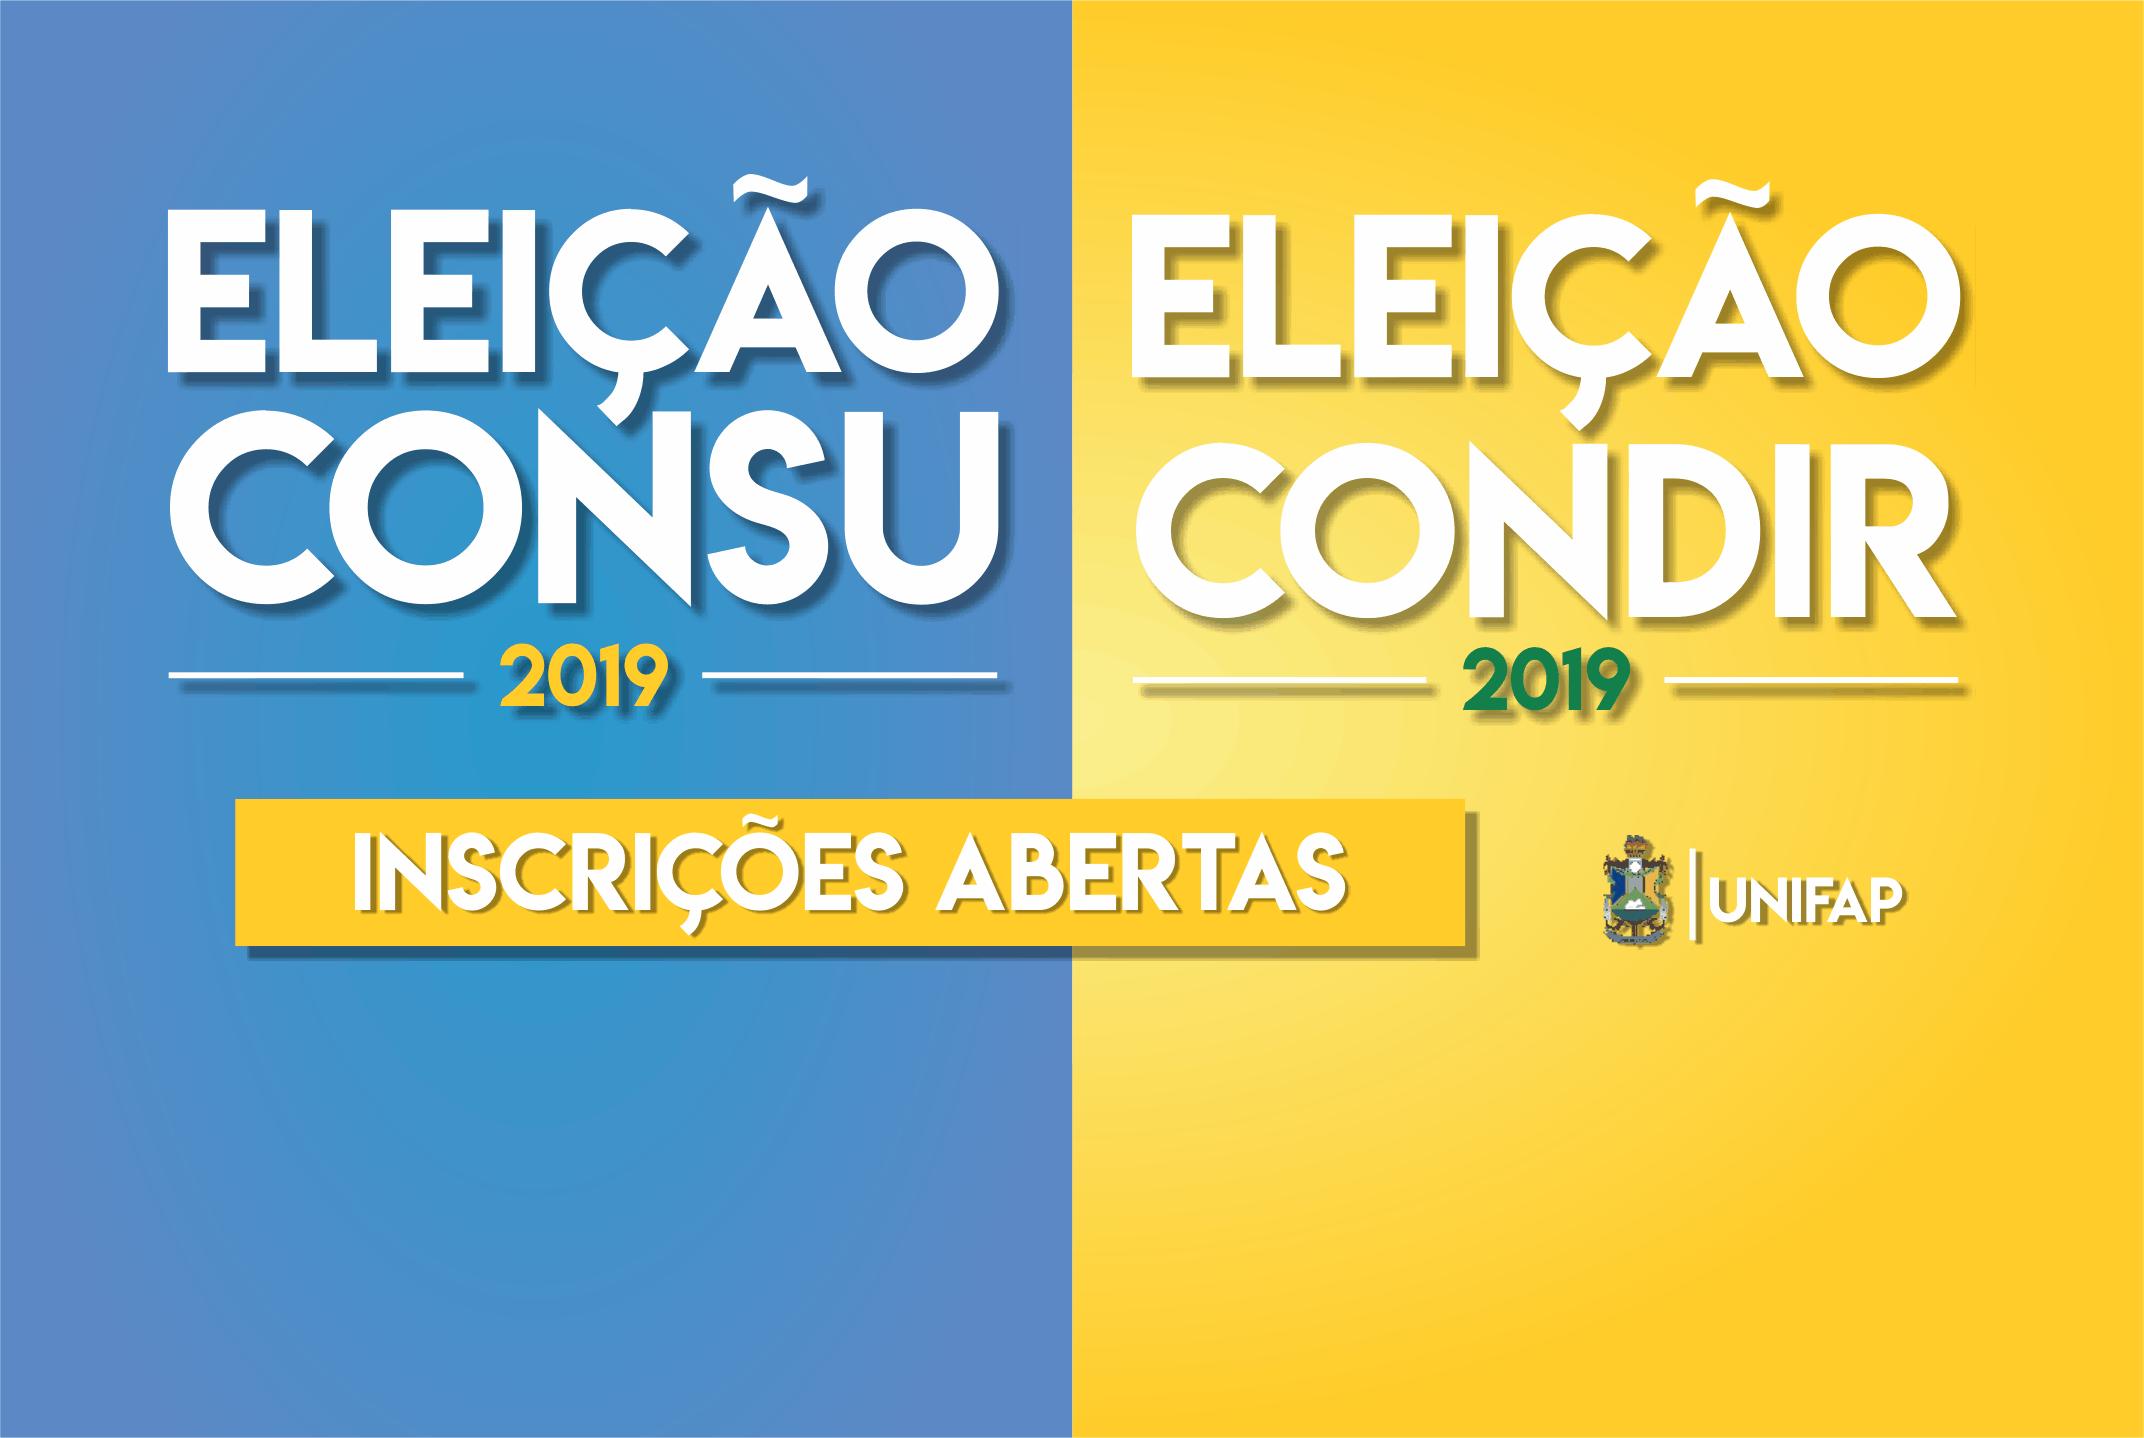 Acompanhe o Processo Eleitoral do CONSU e CONDIR